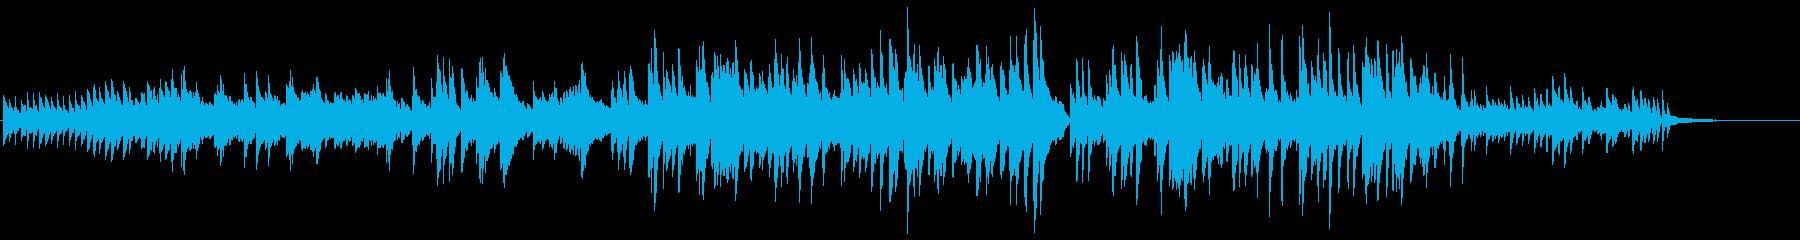 壮大で感動的な心にグッとくるピアノソロ2の再生済みの波形